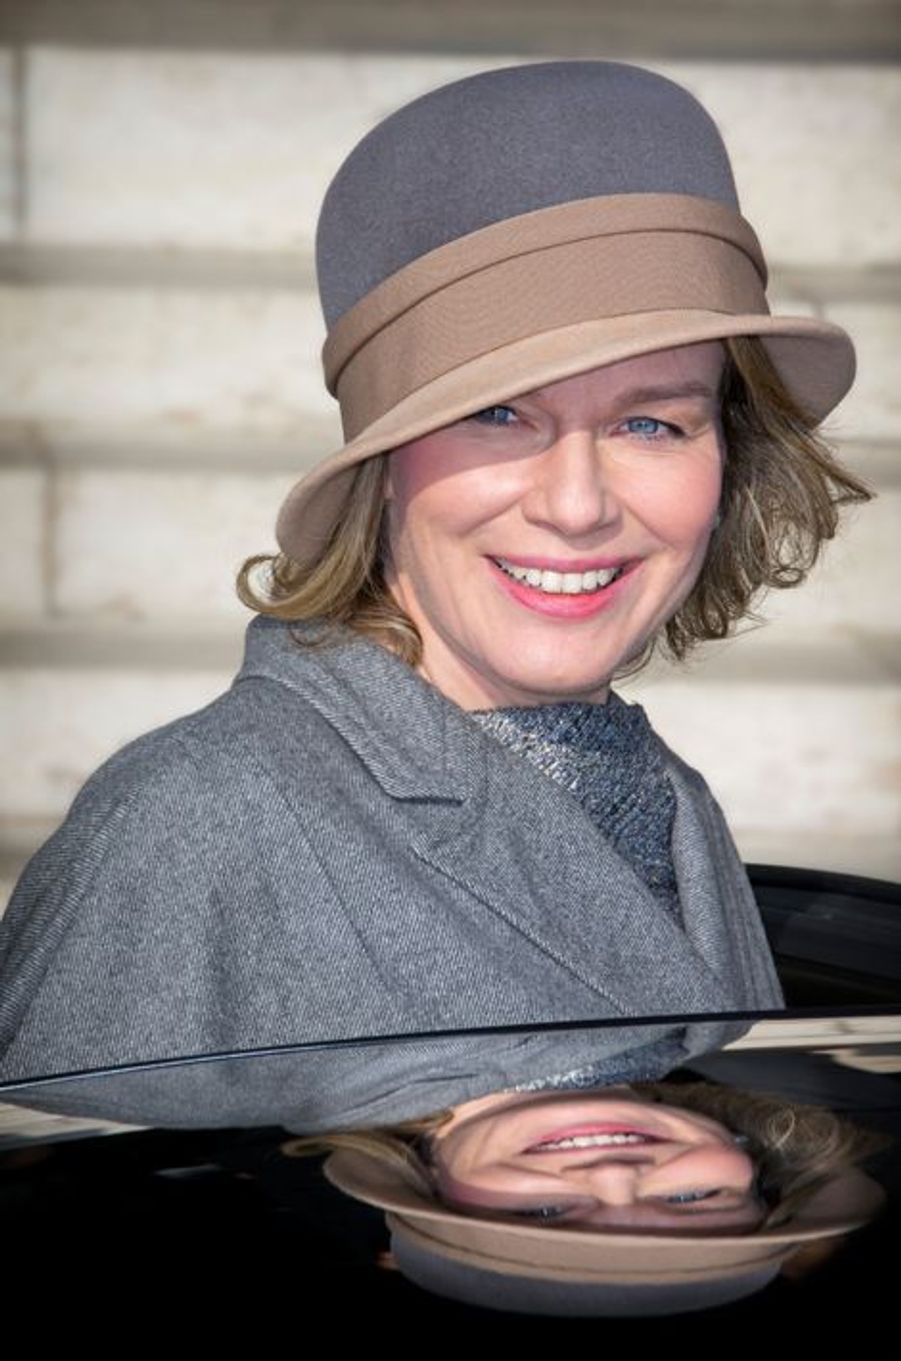 La reine Mathilde de Belgique à la cérémonie annuelle pour les défunts royaux à Laeken, le 12 avril 2015